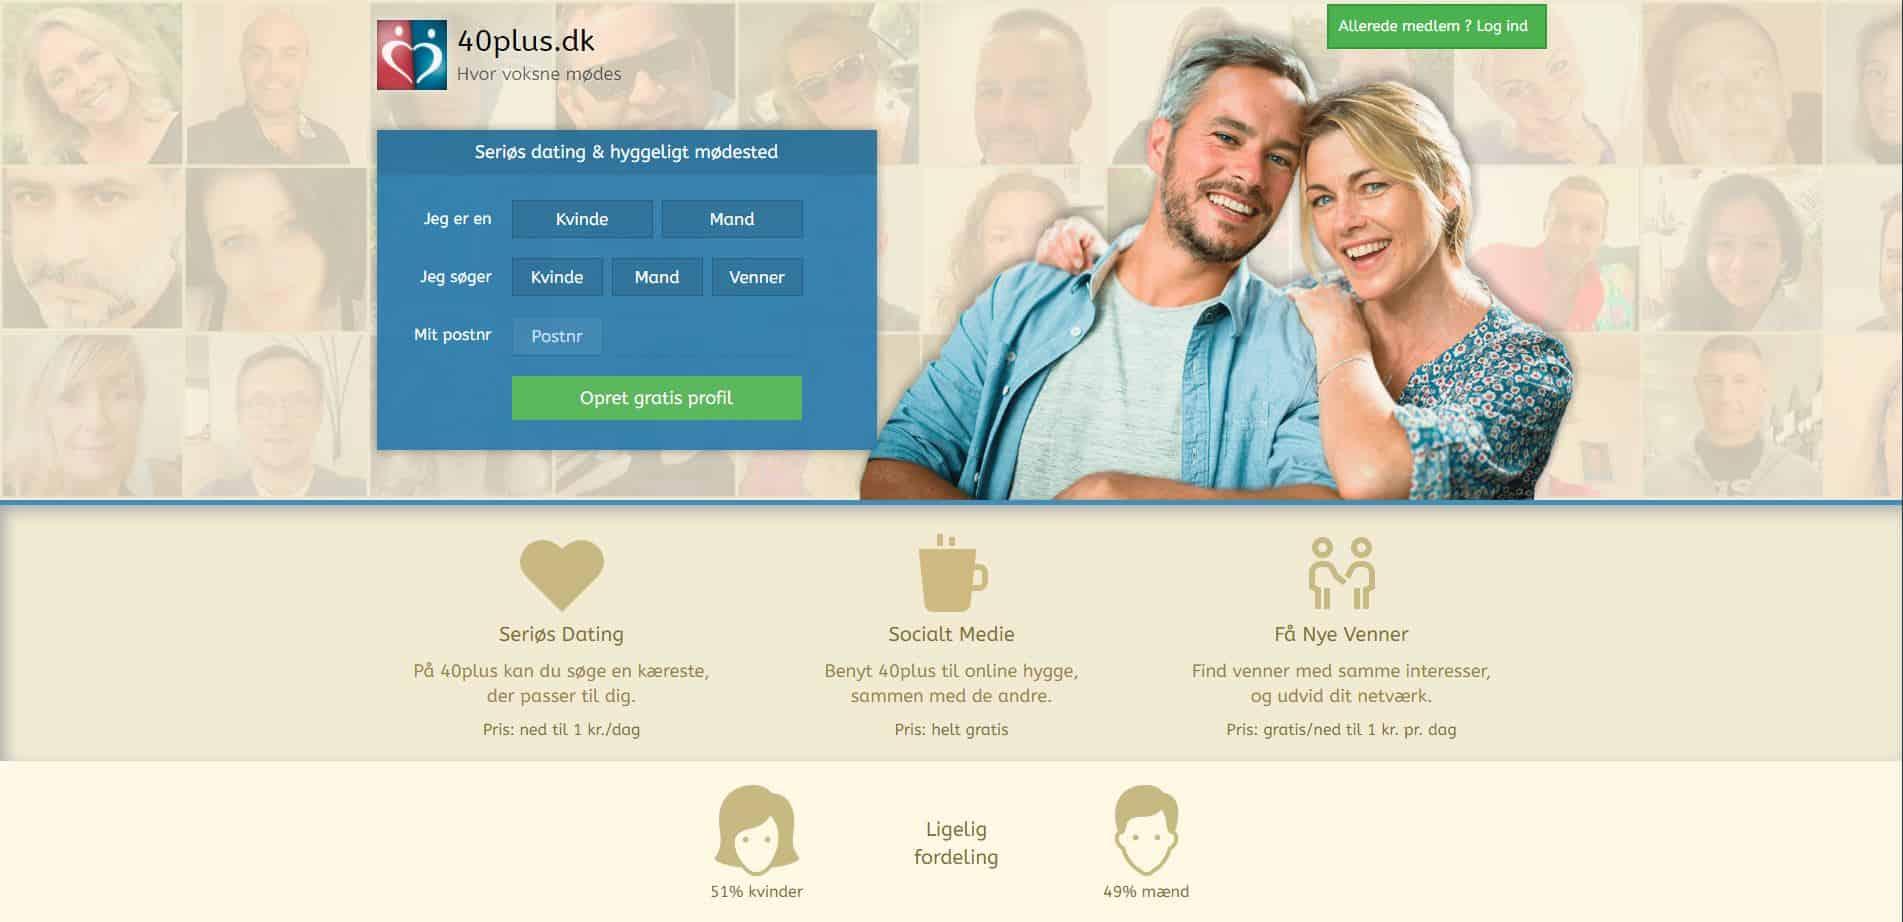 Online dating selv oppsummering eksempler